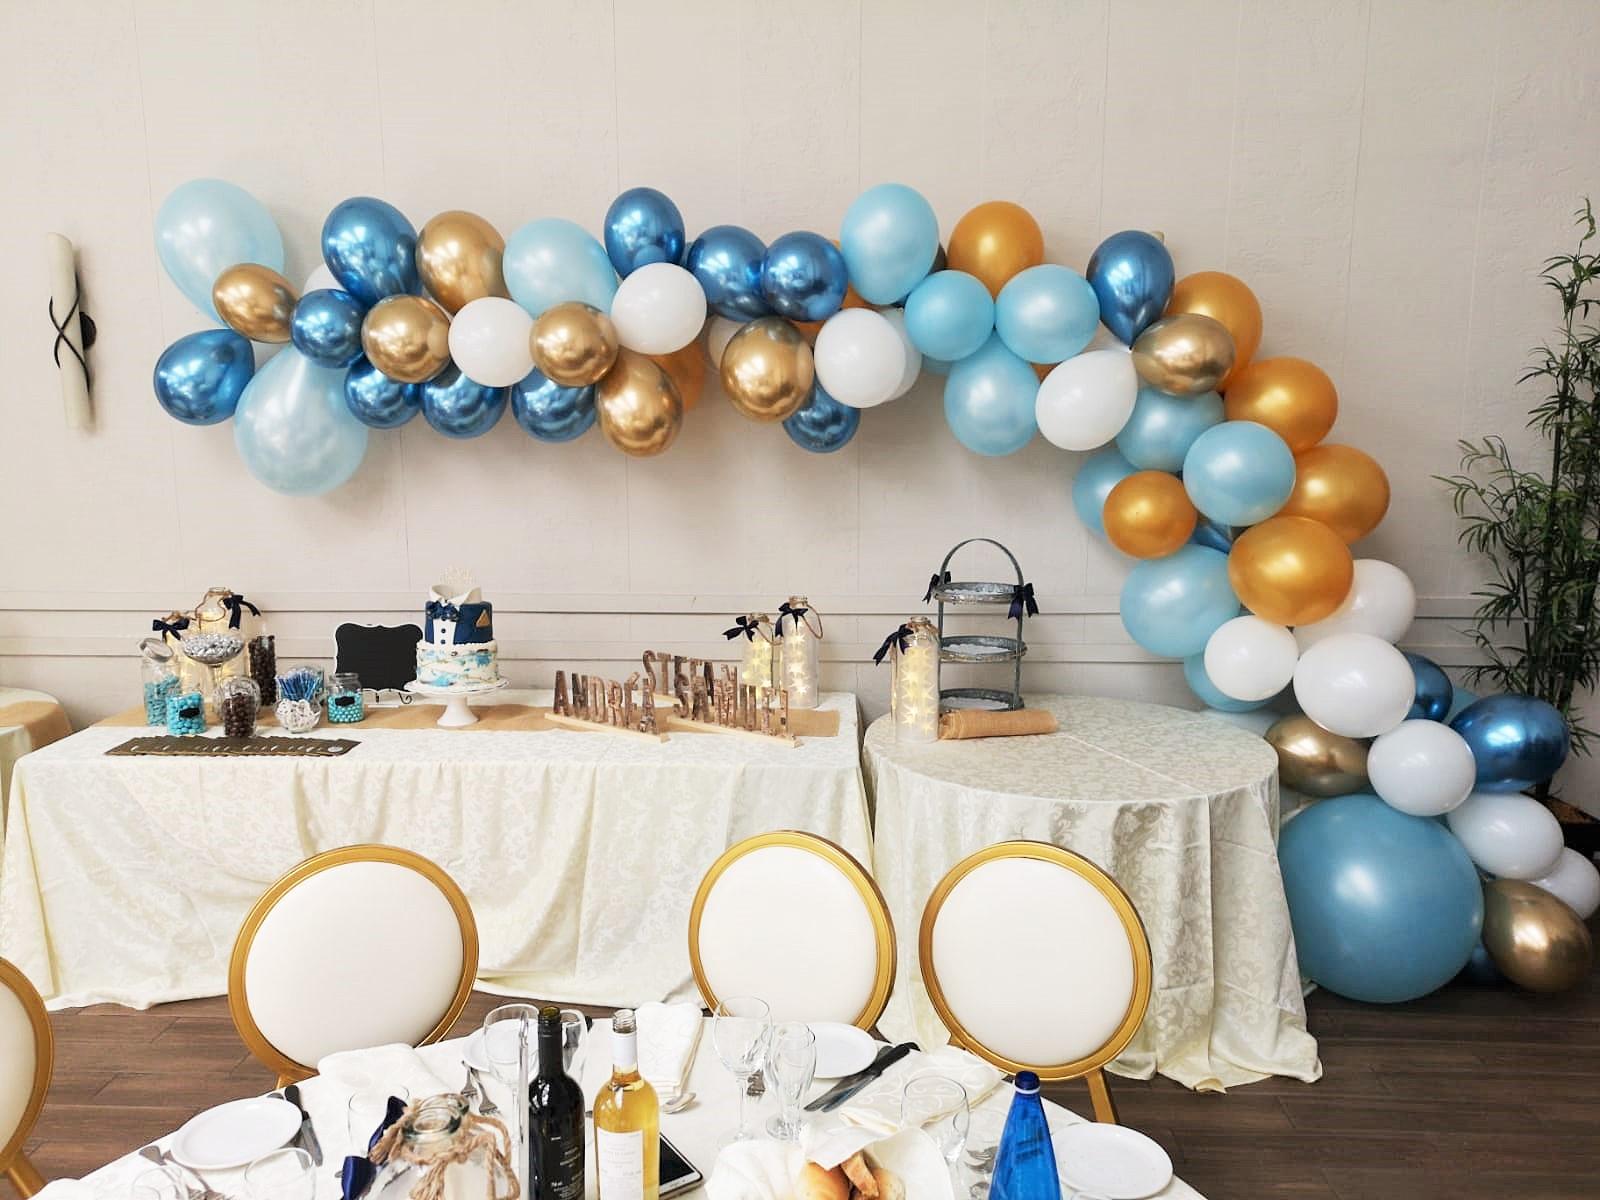 Balloons Bash - Balloon Decor